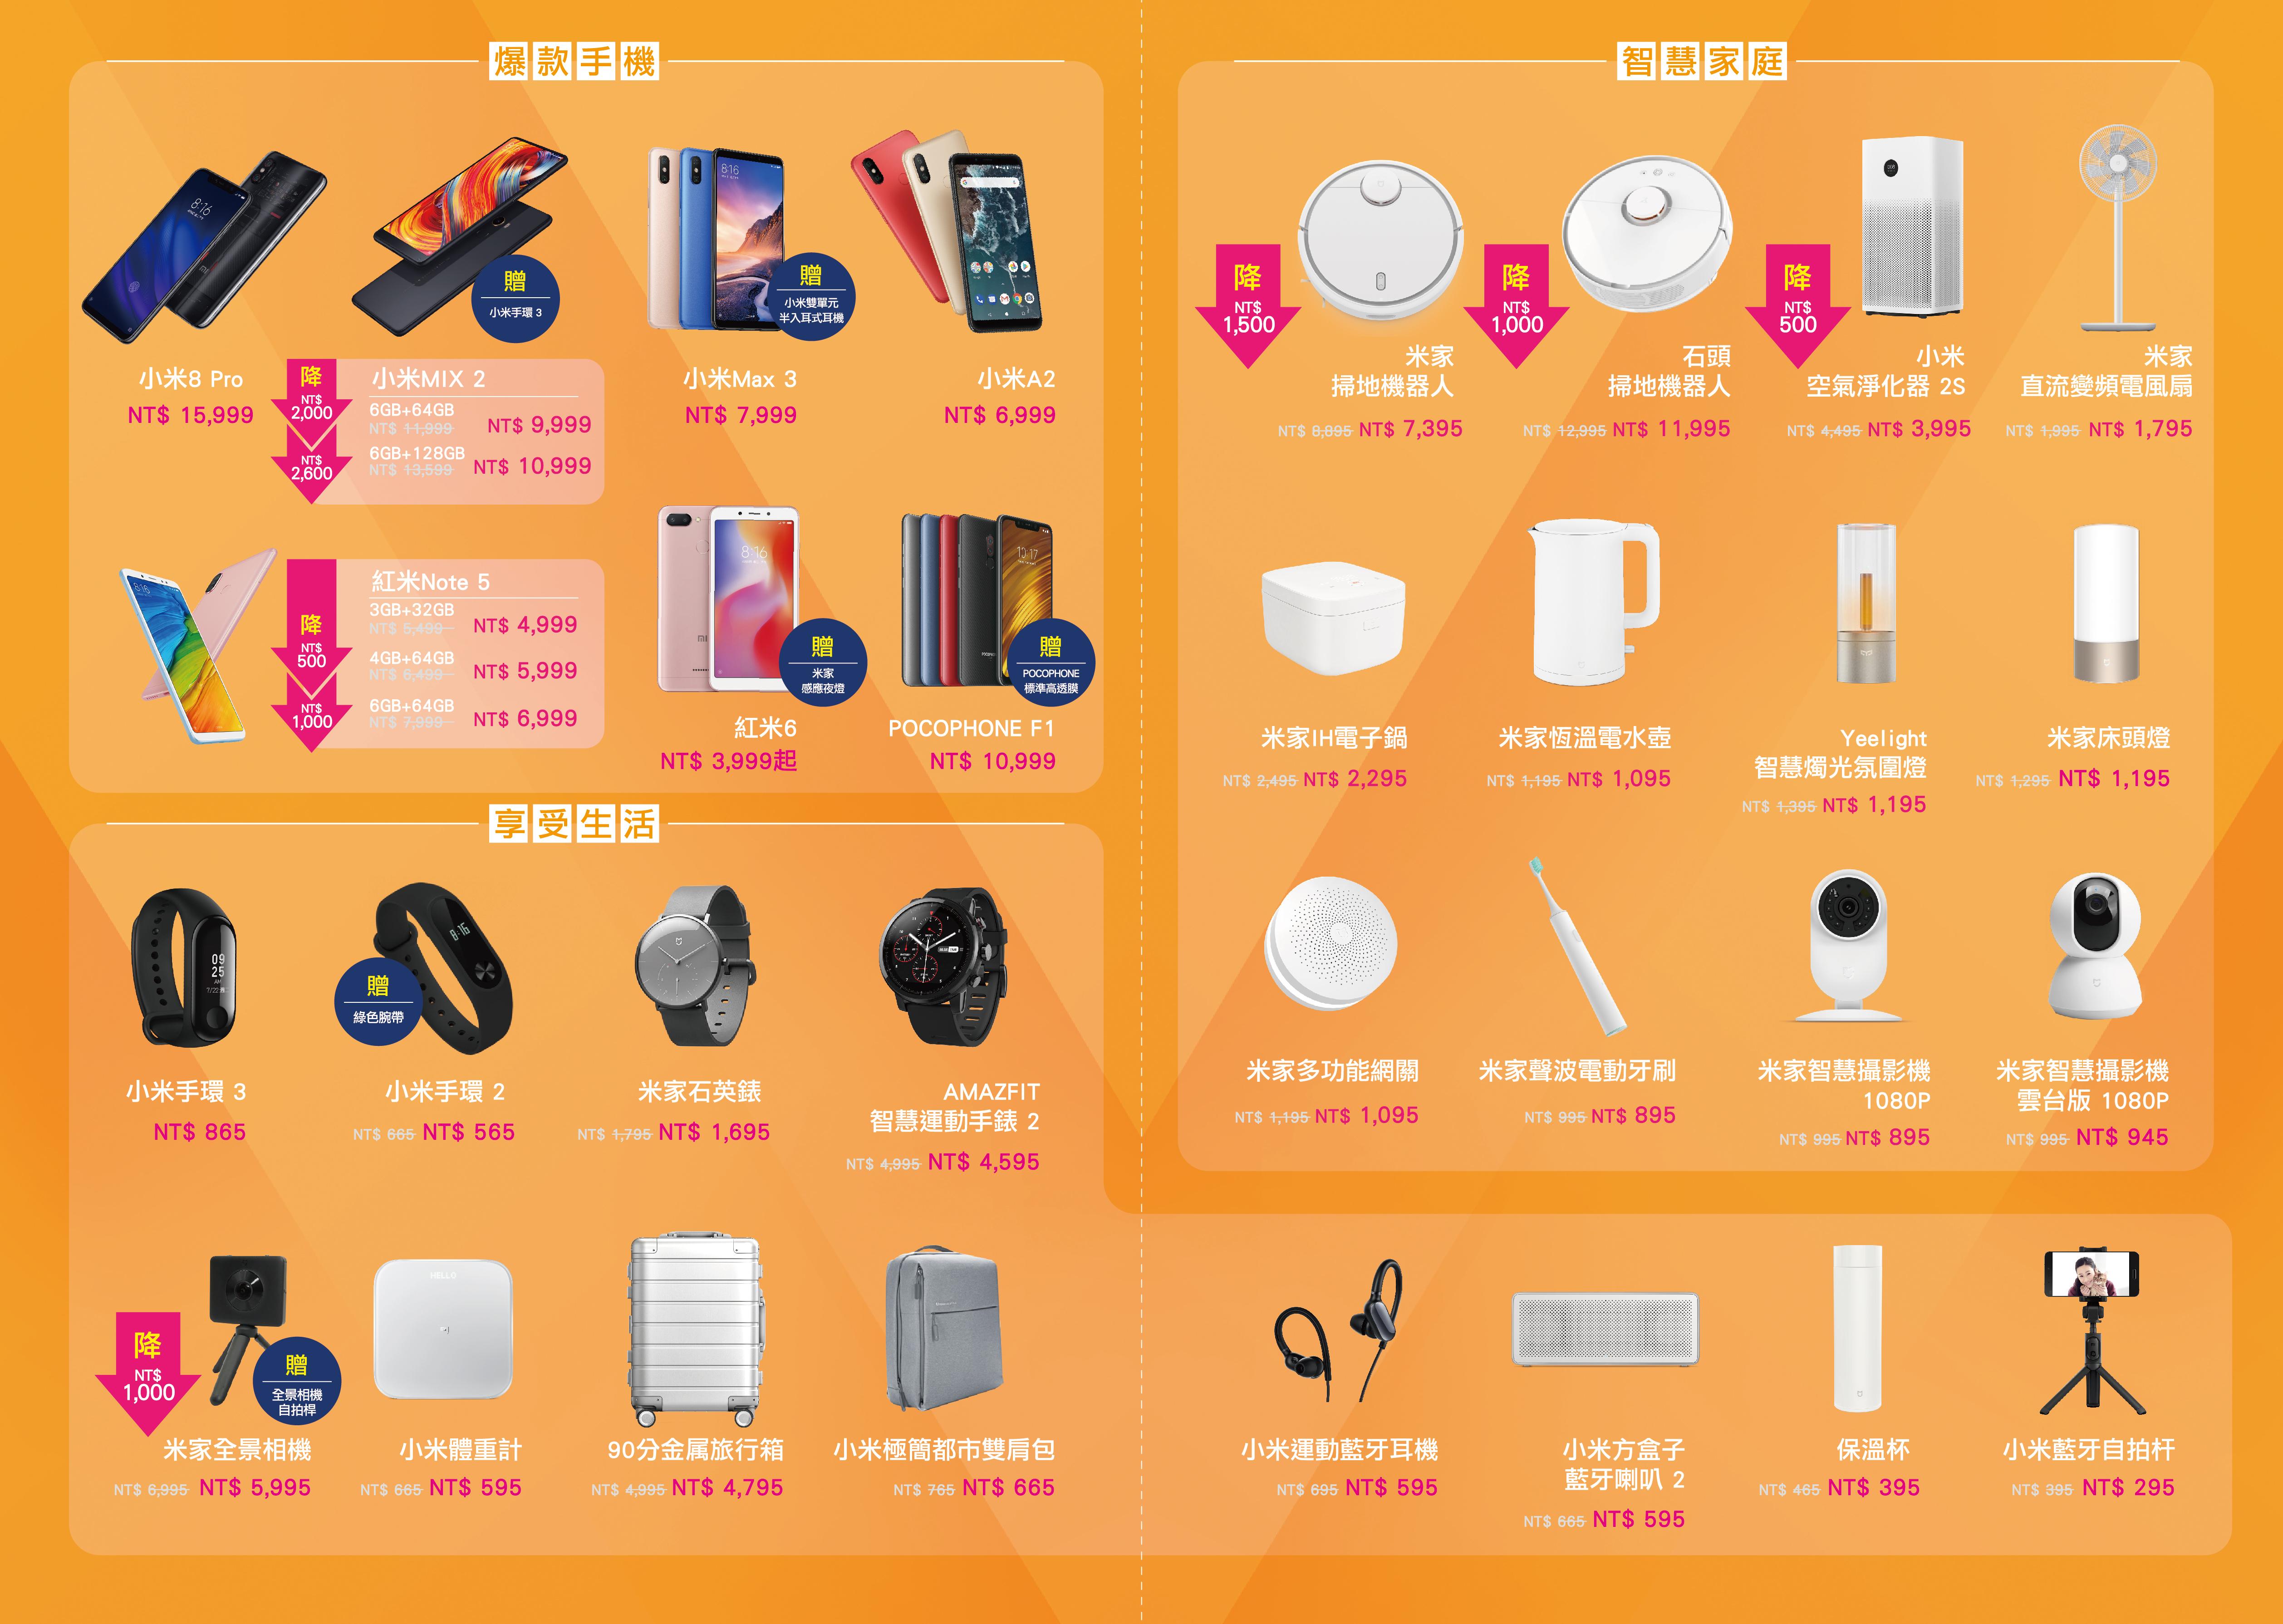 台灣小米雙11購物節